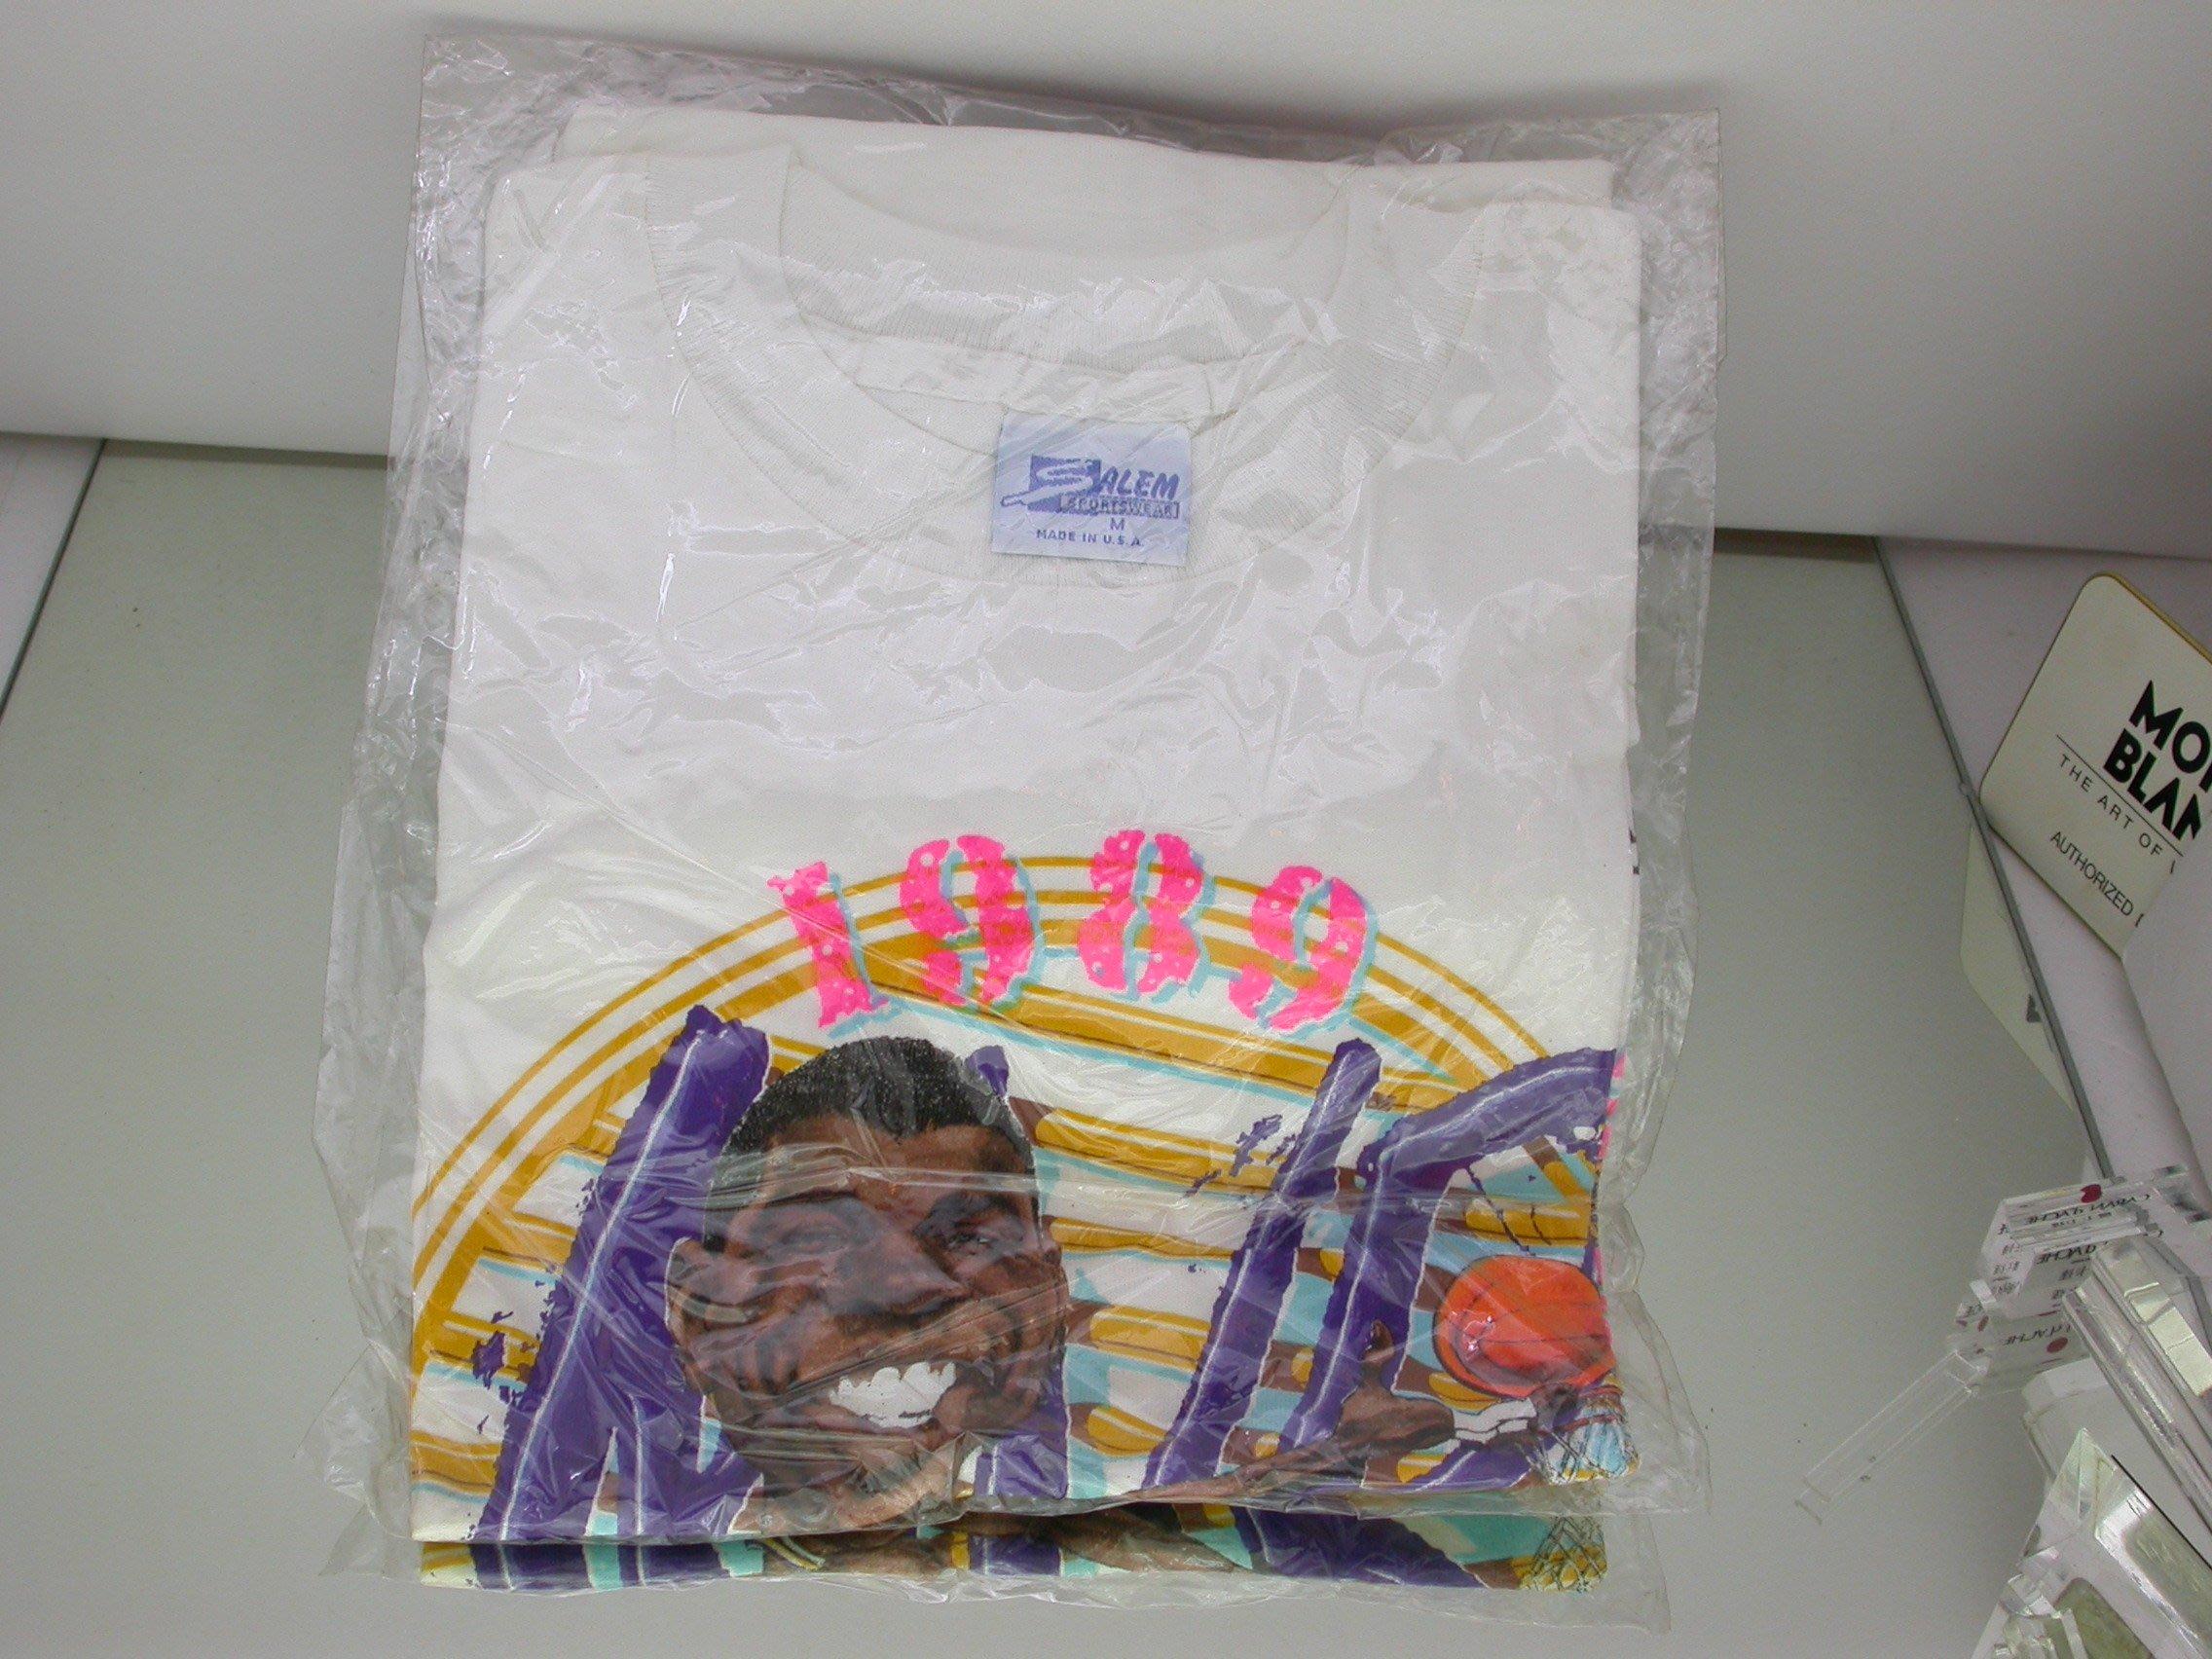 最後一件988起標MADE IN USA1989美國NBA職籃LA洛杉磯湖人隊紀念T恤M.